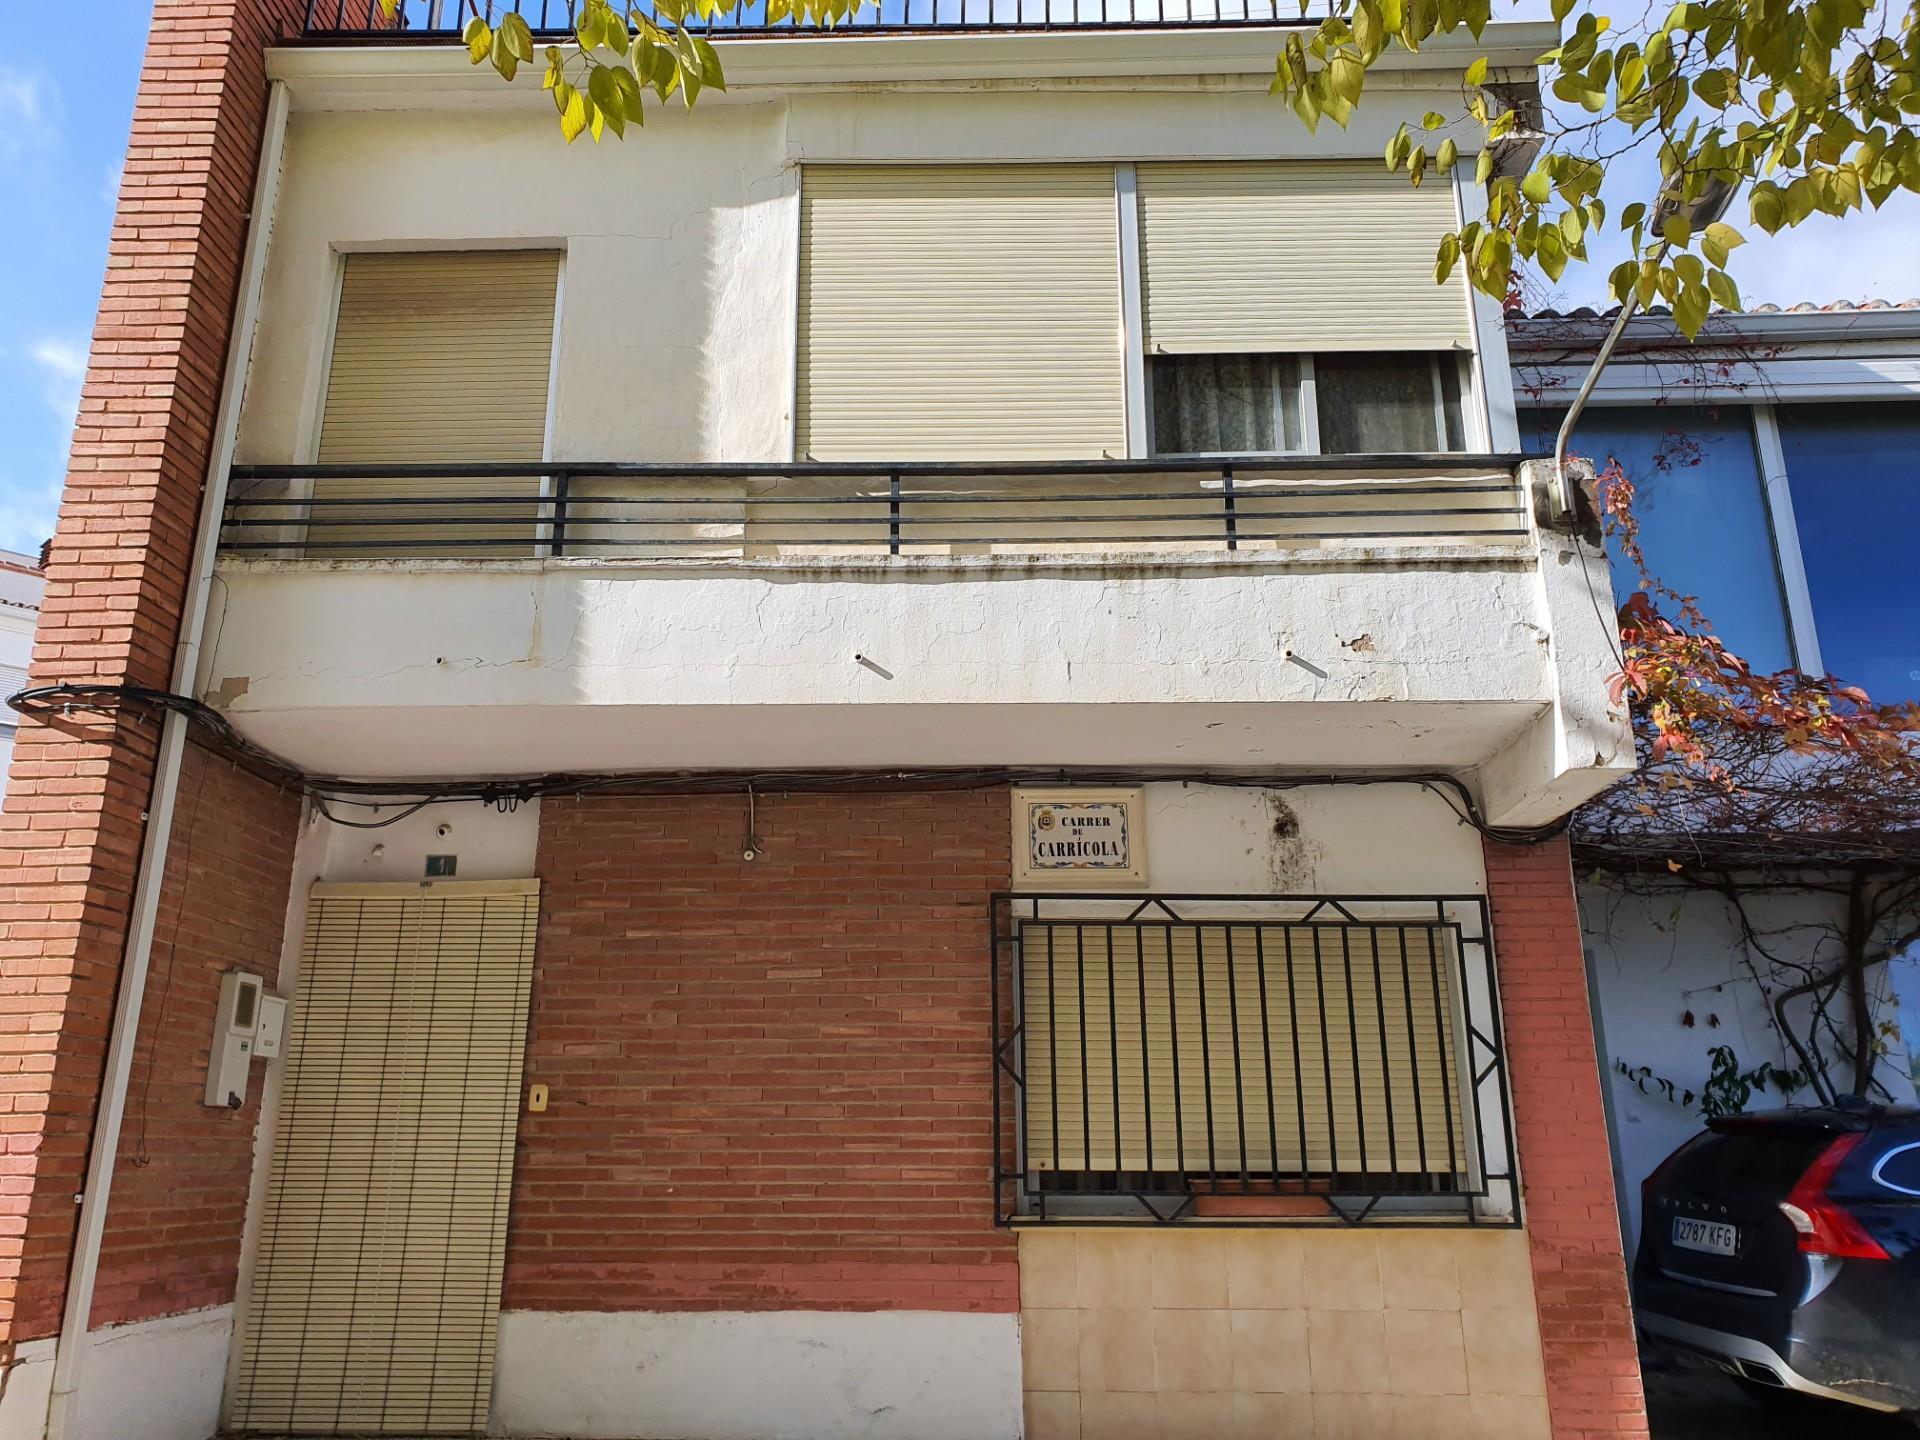 Casa adosada  Calle carrícola. Albaida / calle carrícola